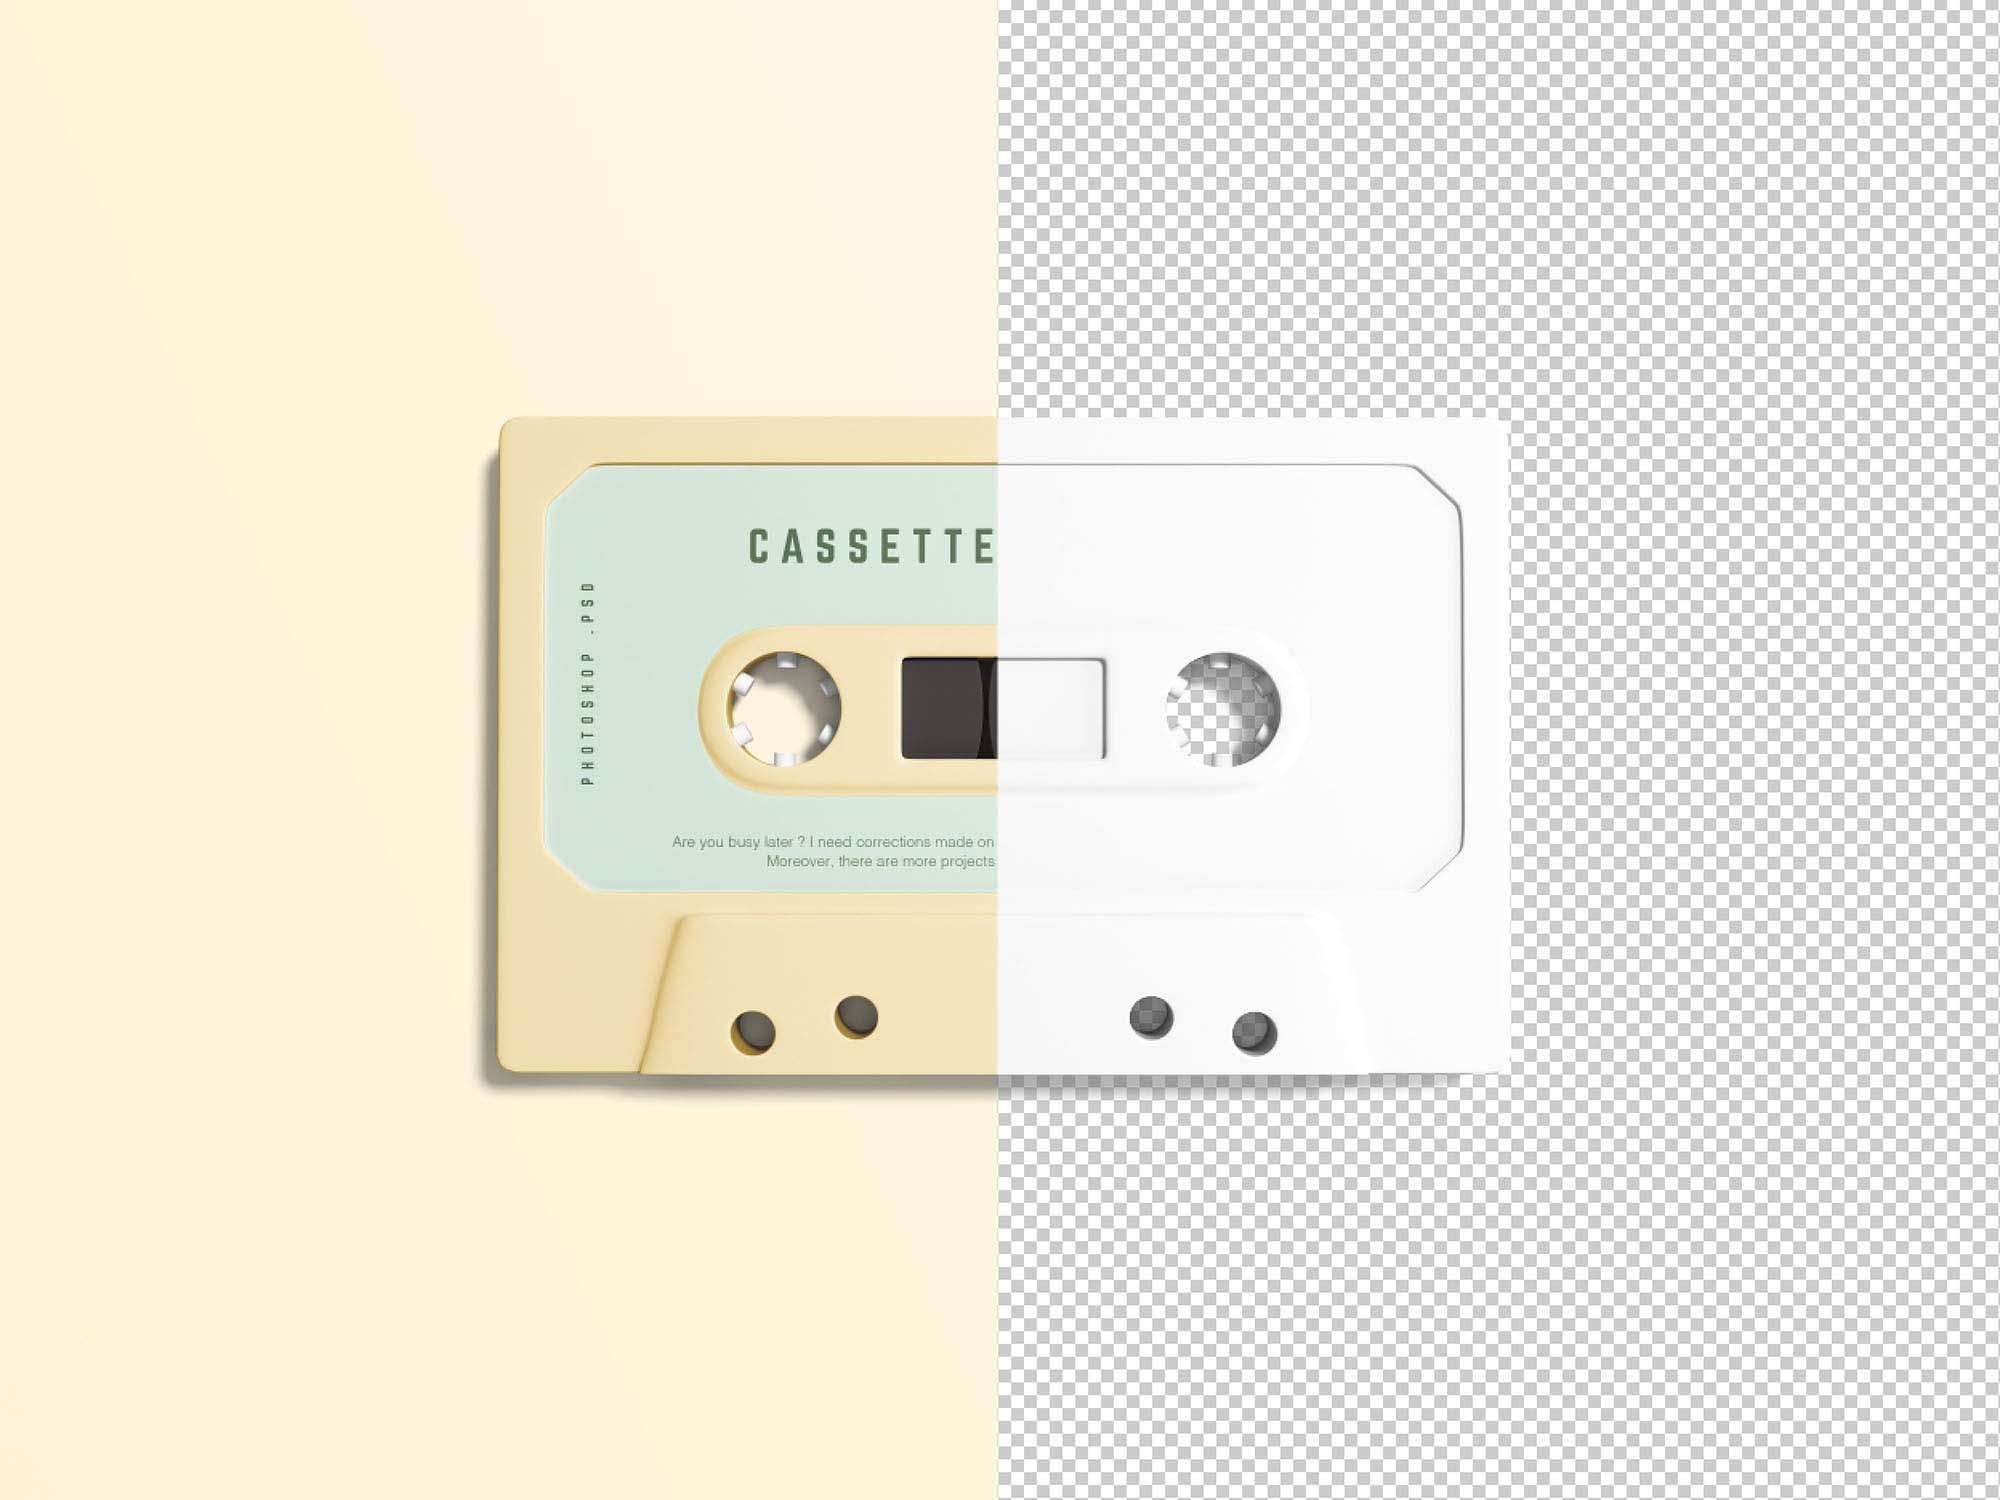 Cassette mockup psd